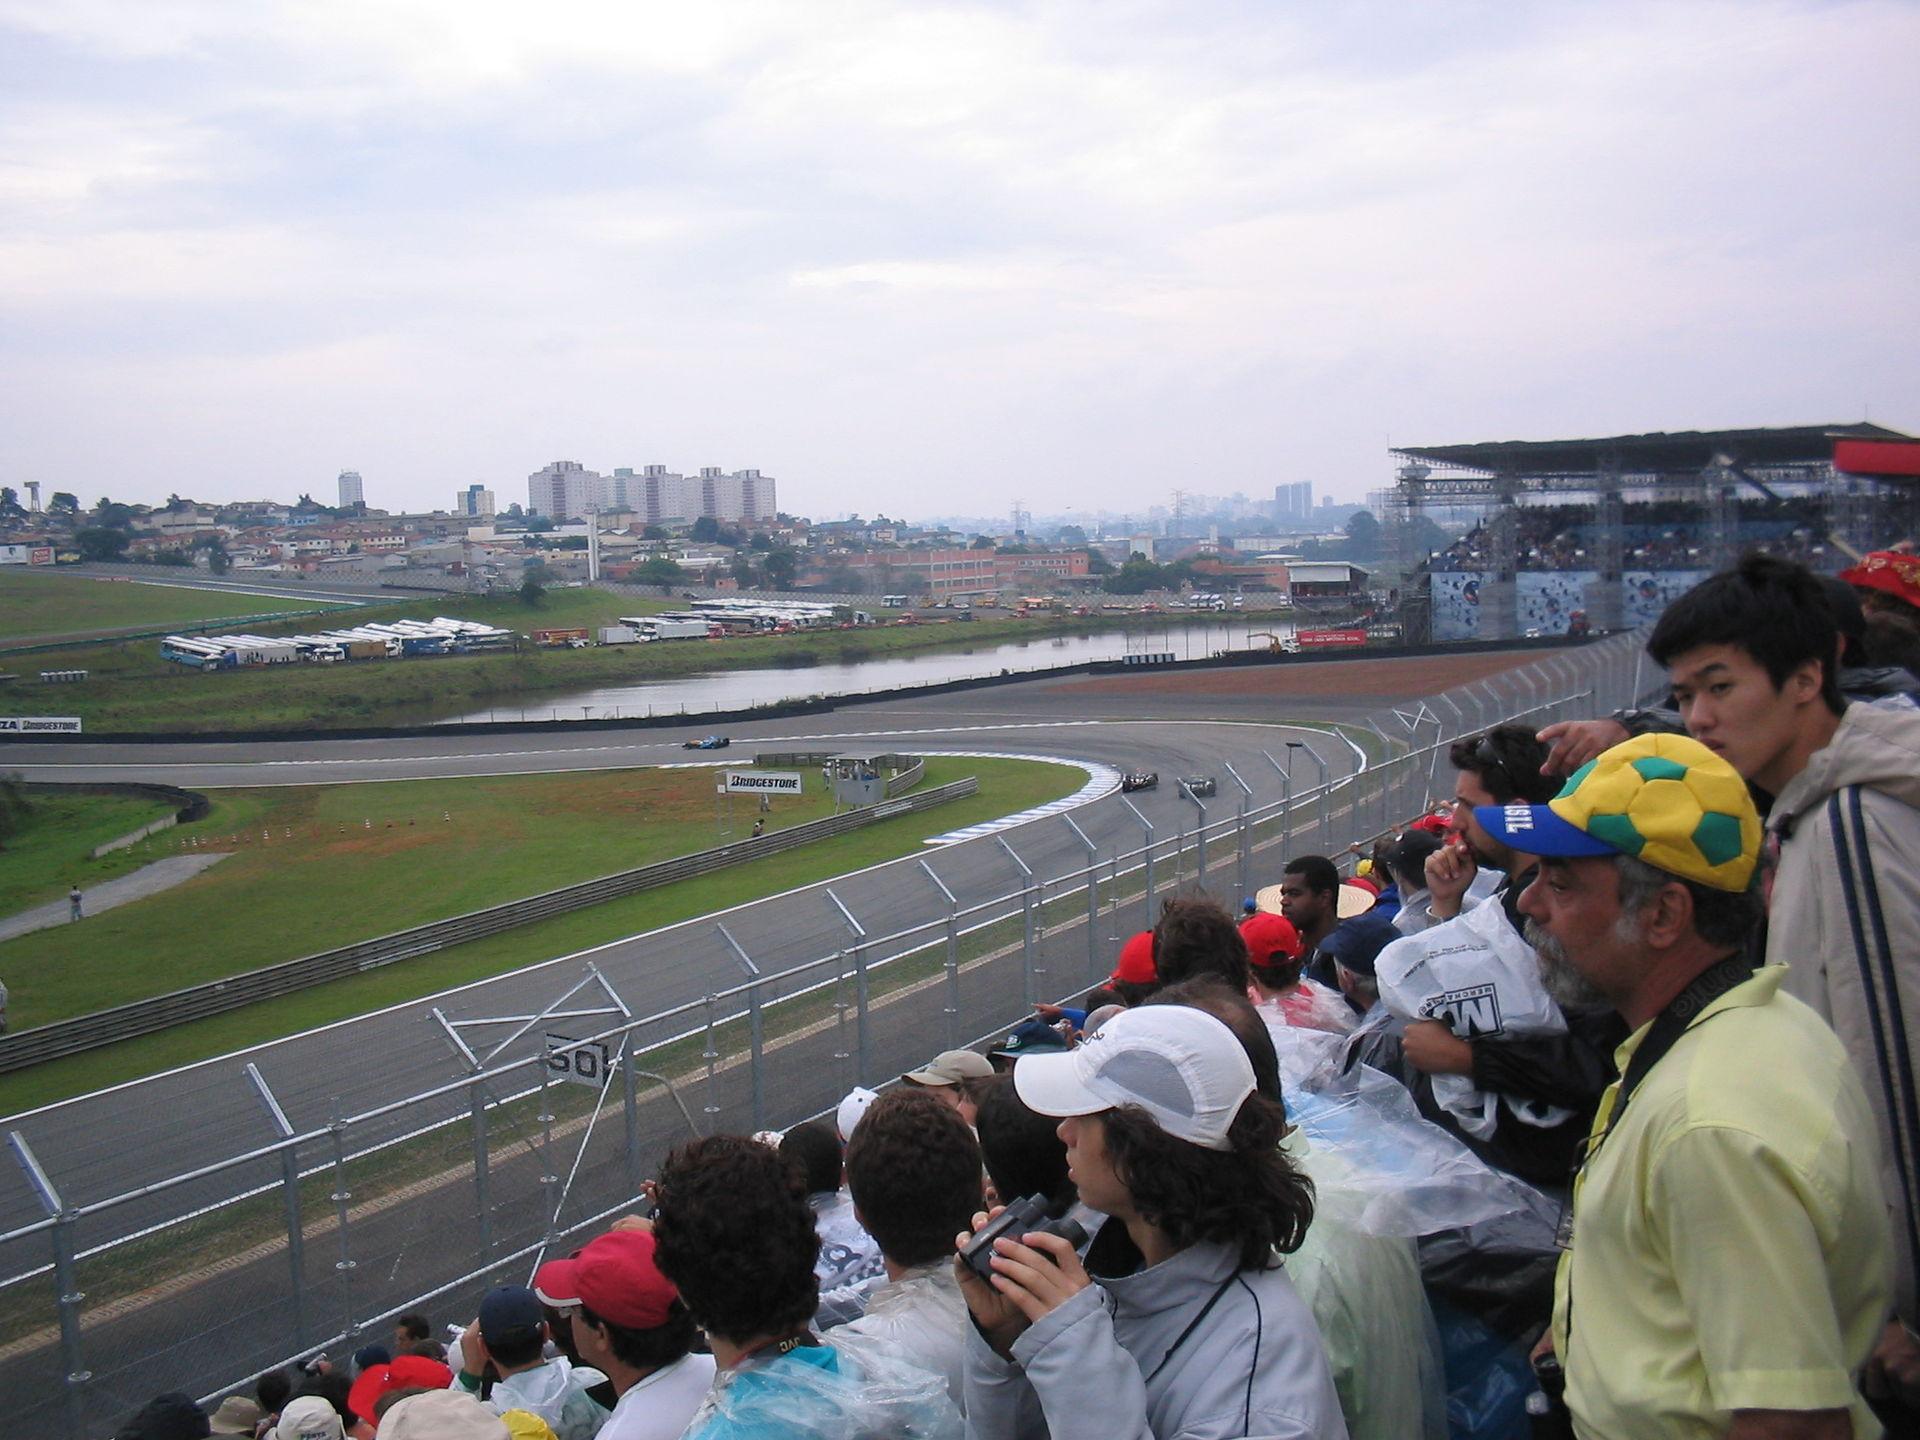 Circuito Wikipedia : Circuito de carreras wikipedia la enciclopedia libre